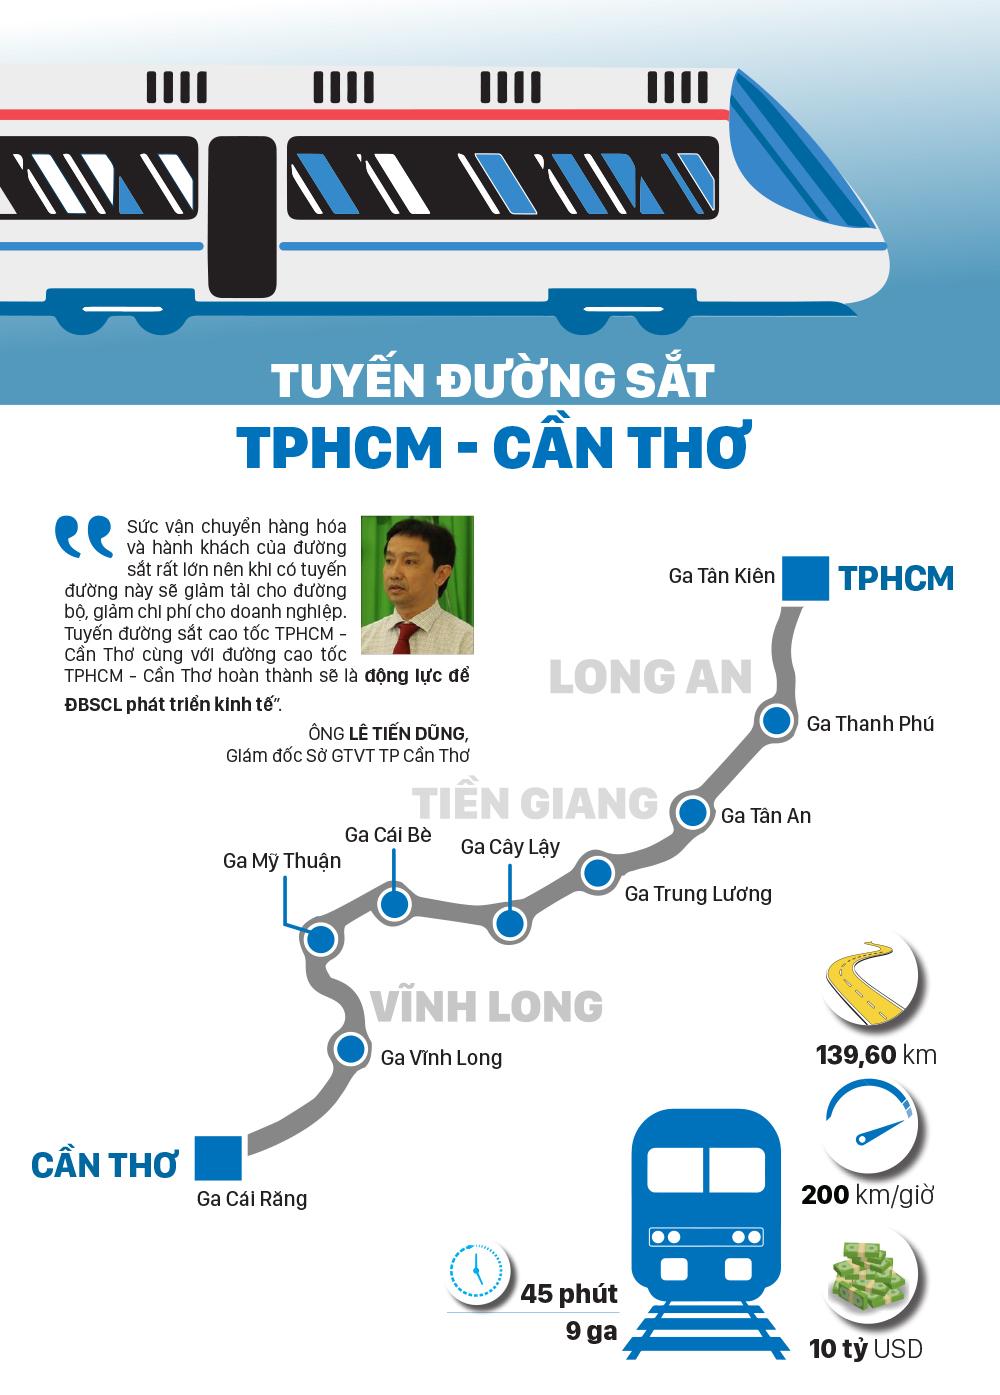 Toàn cảnh các dự án đường sắt cao tốc tại Việt Nam ảnh 9